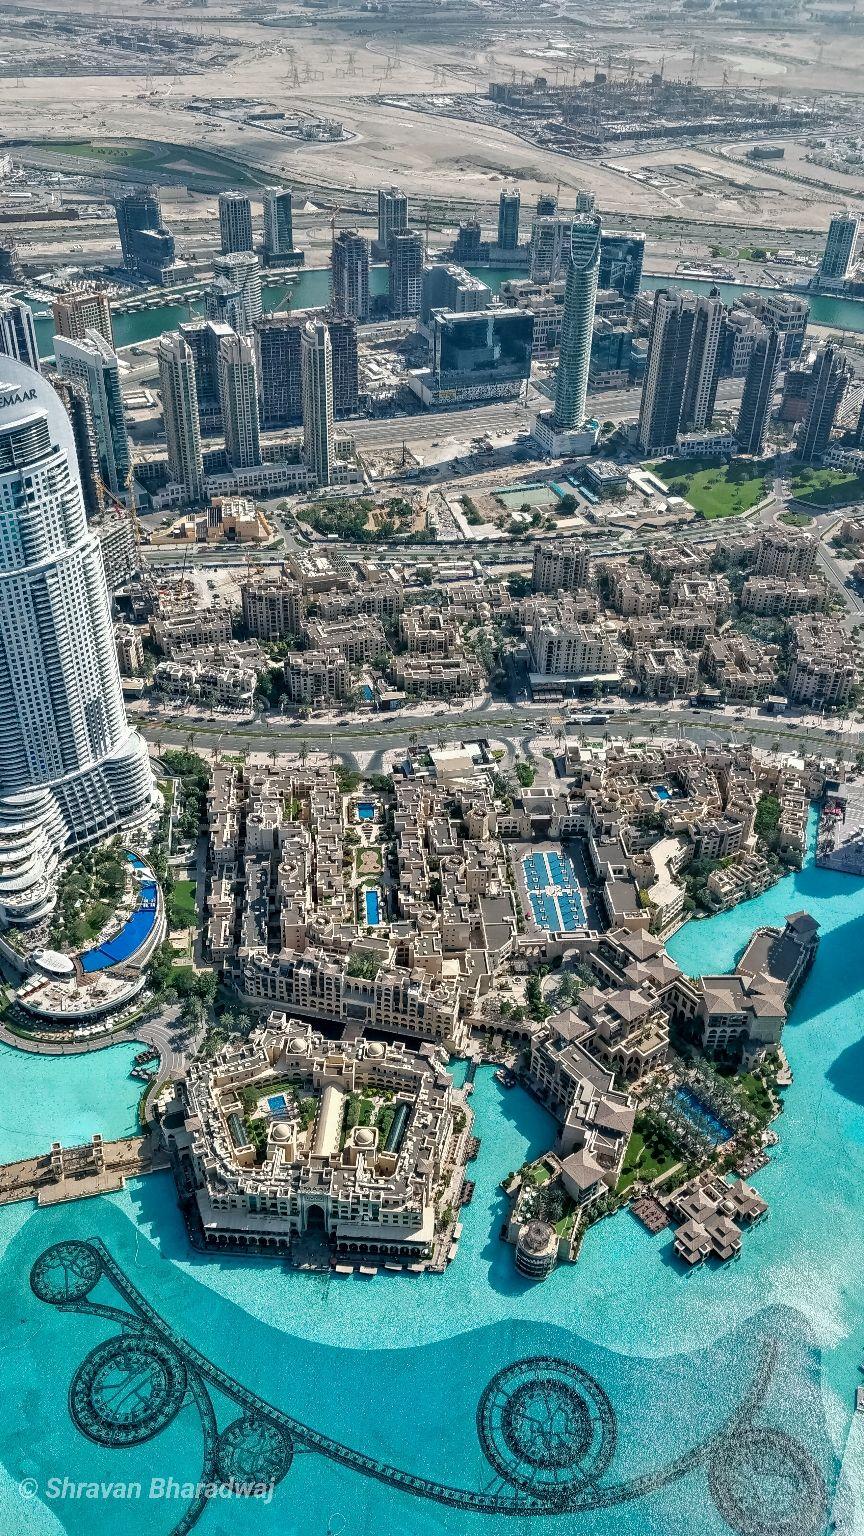 Photo of Dubai - United Arab Emirates By Shravan Bharadwaj